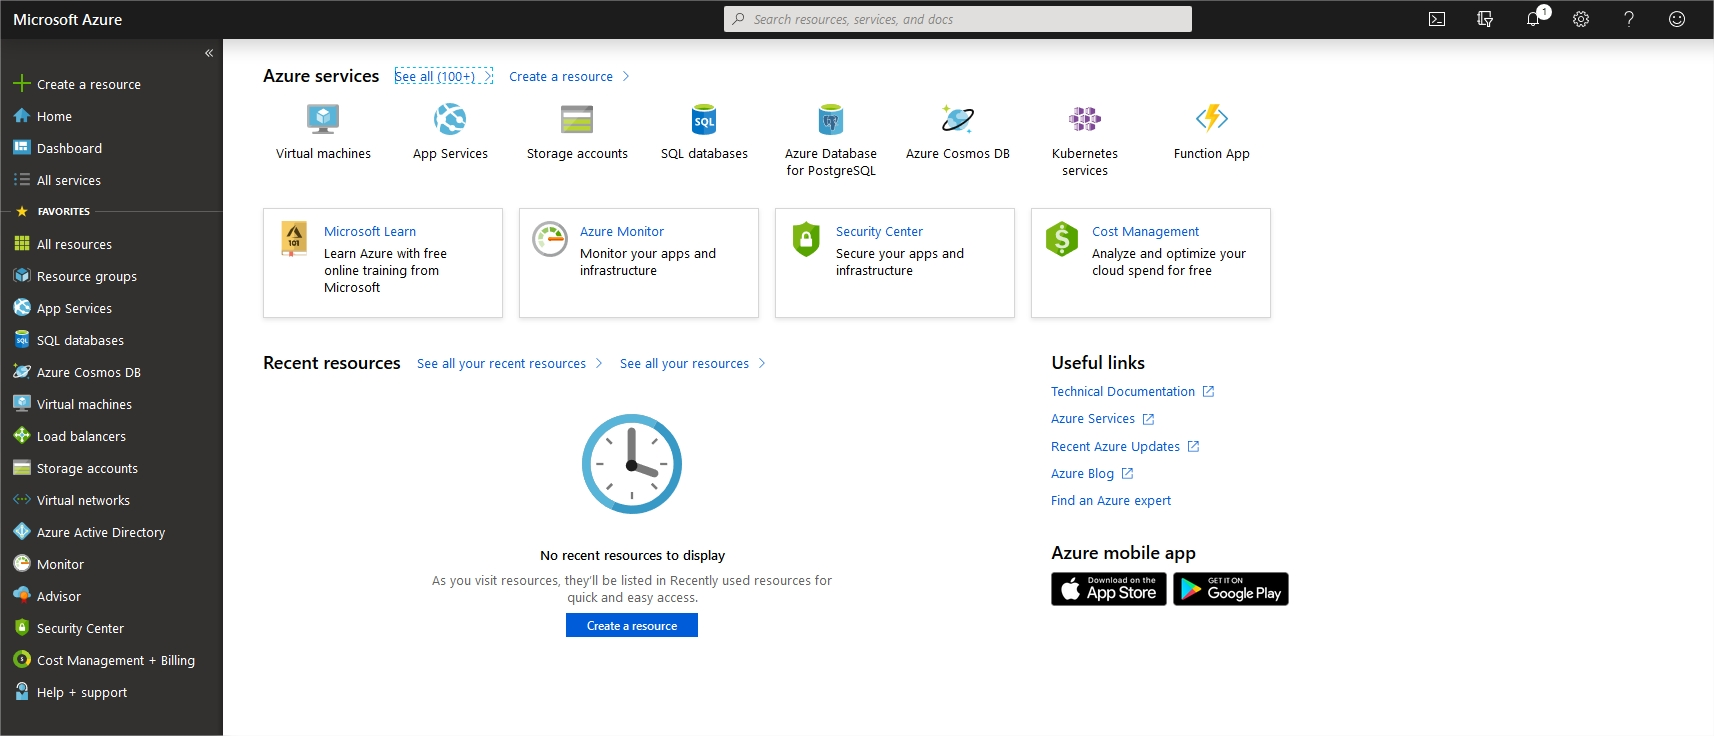 Azure and Office365 - Plugin pre-requisites - ServiceNav